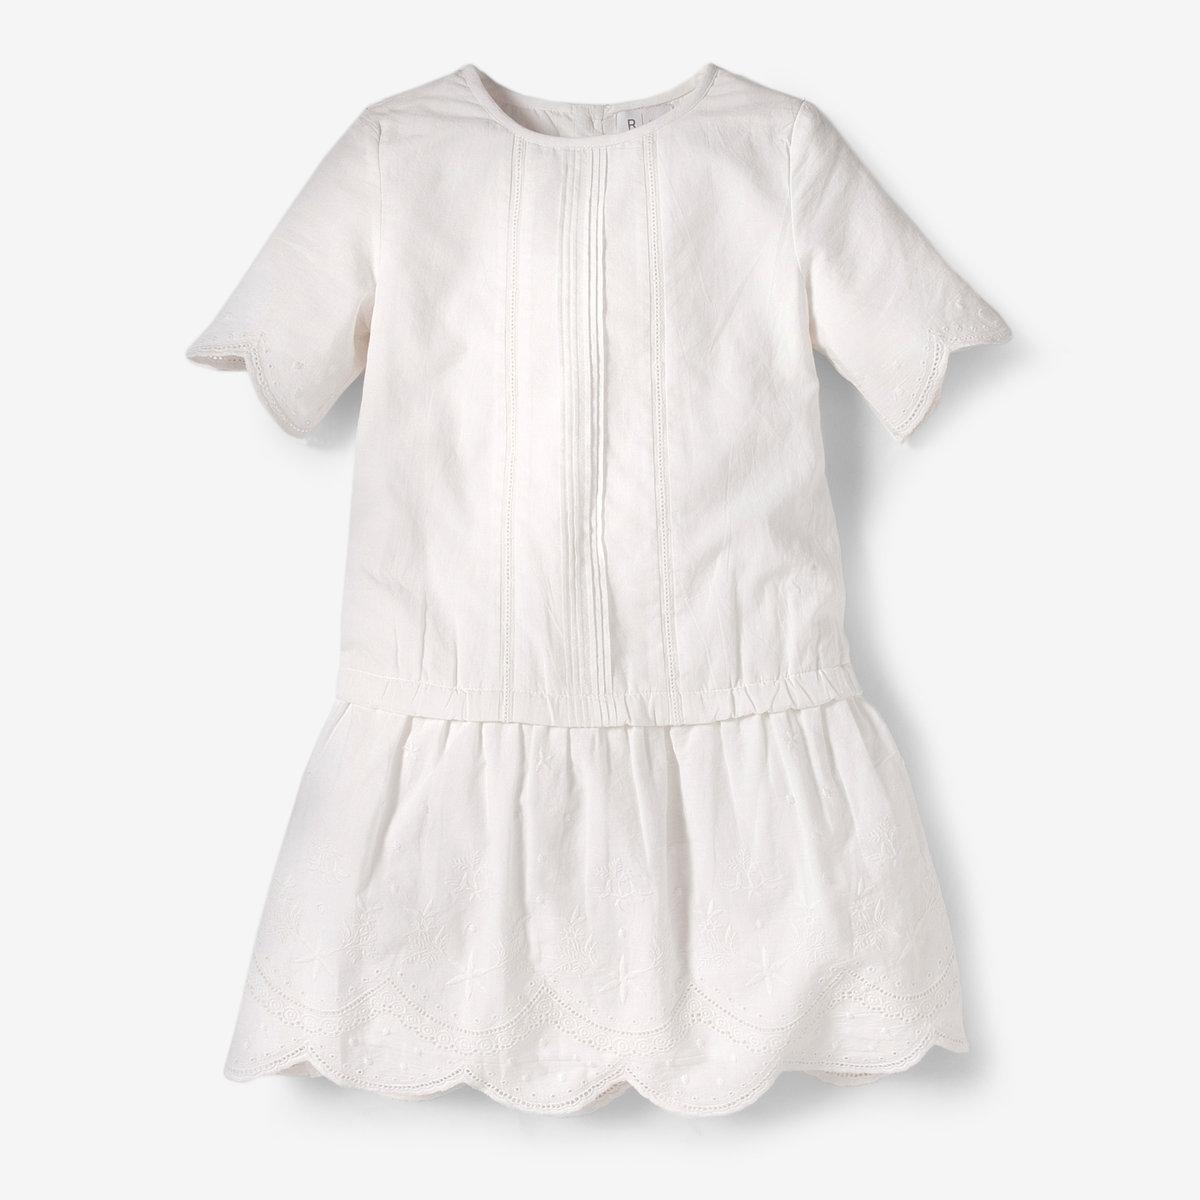 Платье из кружева с вышивкой, 3-12 летПлатье из кружева с короткими рукавами. Круглый вырез. Складки спереди. Низ и края рукавов с вышивкой. Застежка на пуговицы сзади. Полностью на подкладке из 100% хлопка. Состав и описание: Материал: кружево 100% хлопкаУход:Машинная стирка при 40°С с вещами схожих цветов.Стирать, сушить и гладить с изнаночной стороны.Машинная сушка в обычном режиме.Гладить при средней температуре.<br><br>Цвет: белый,розовый